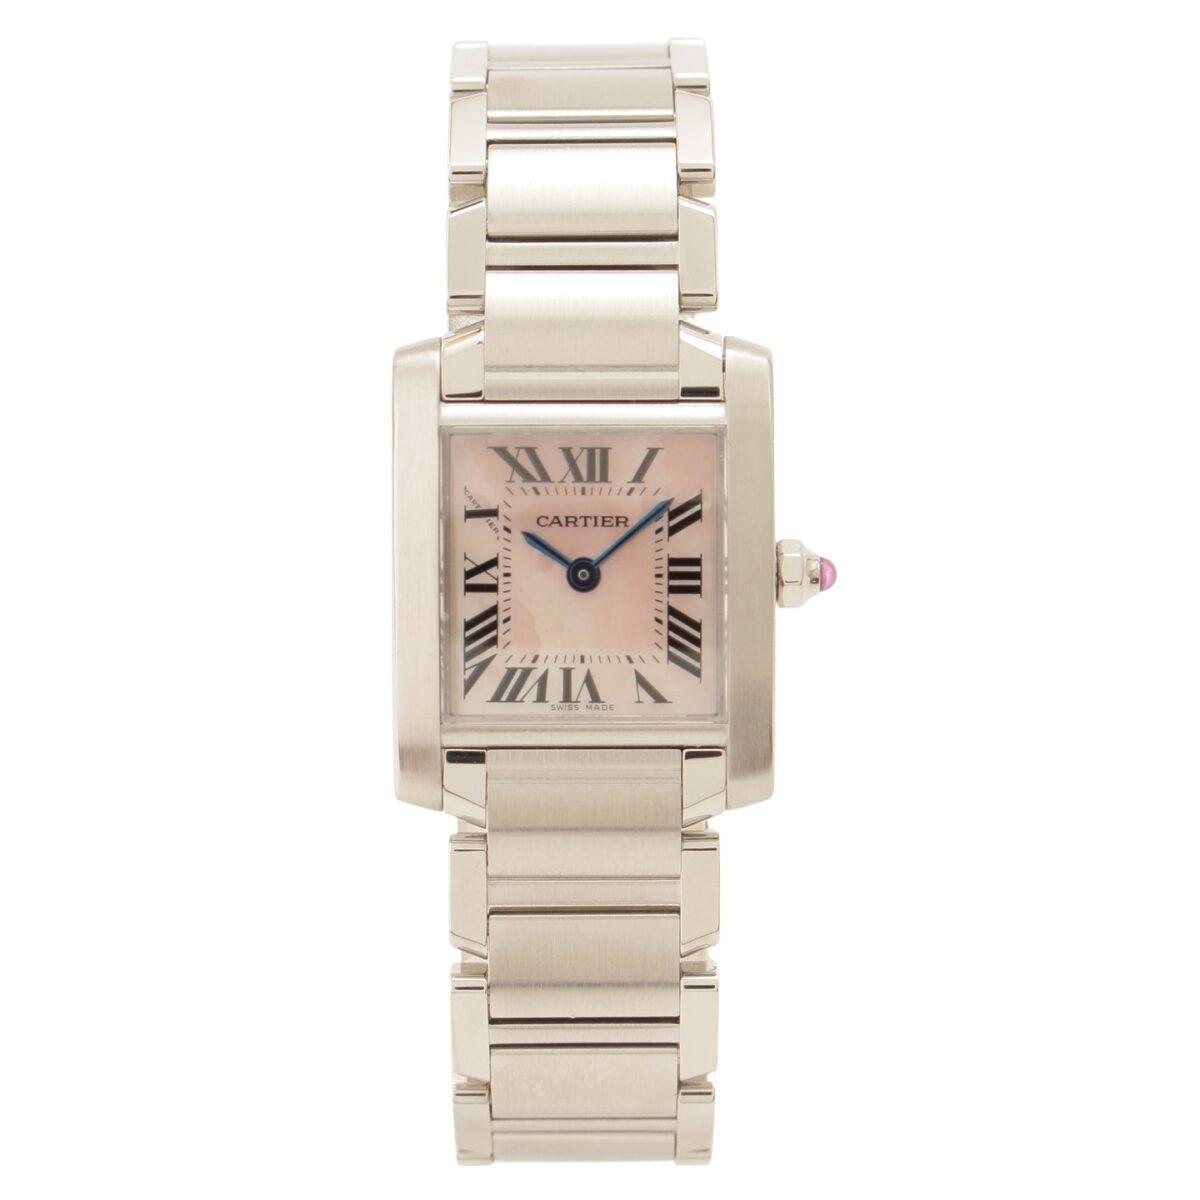 カルティエ タンクフランセーズSM レディース クオーツ ピンクシェル ローマンインデックス 2針 W51028Q3 腕時計